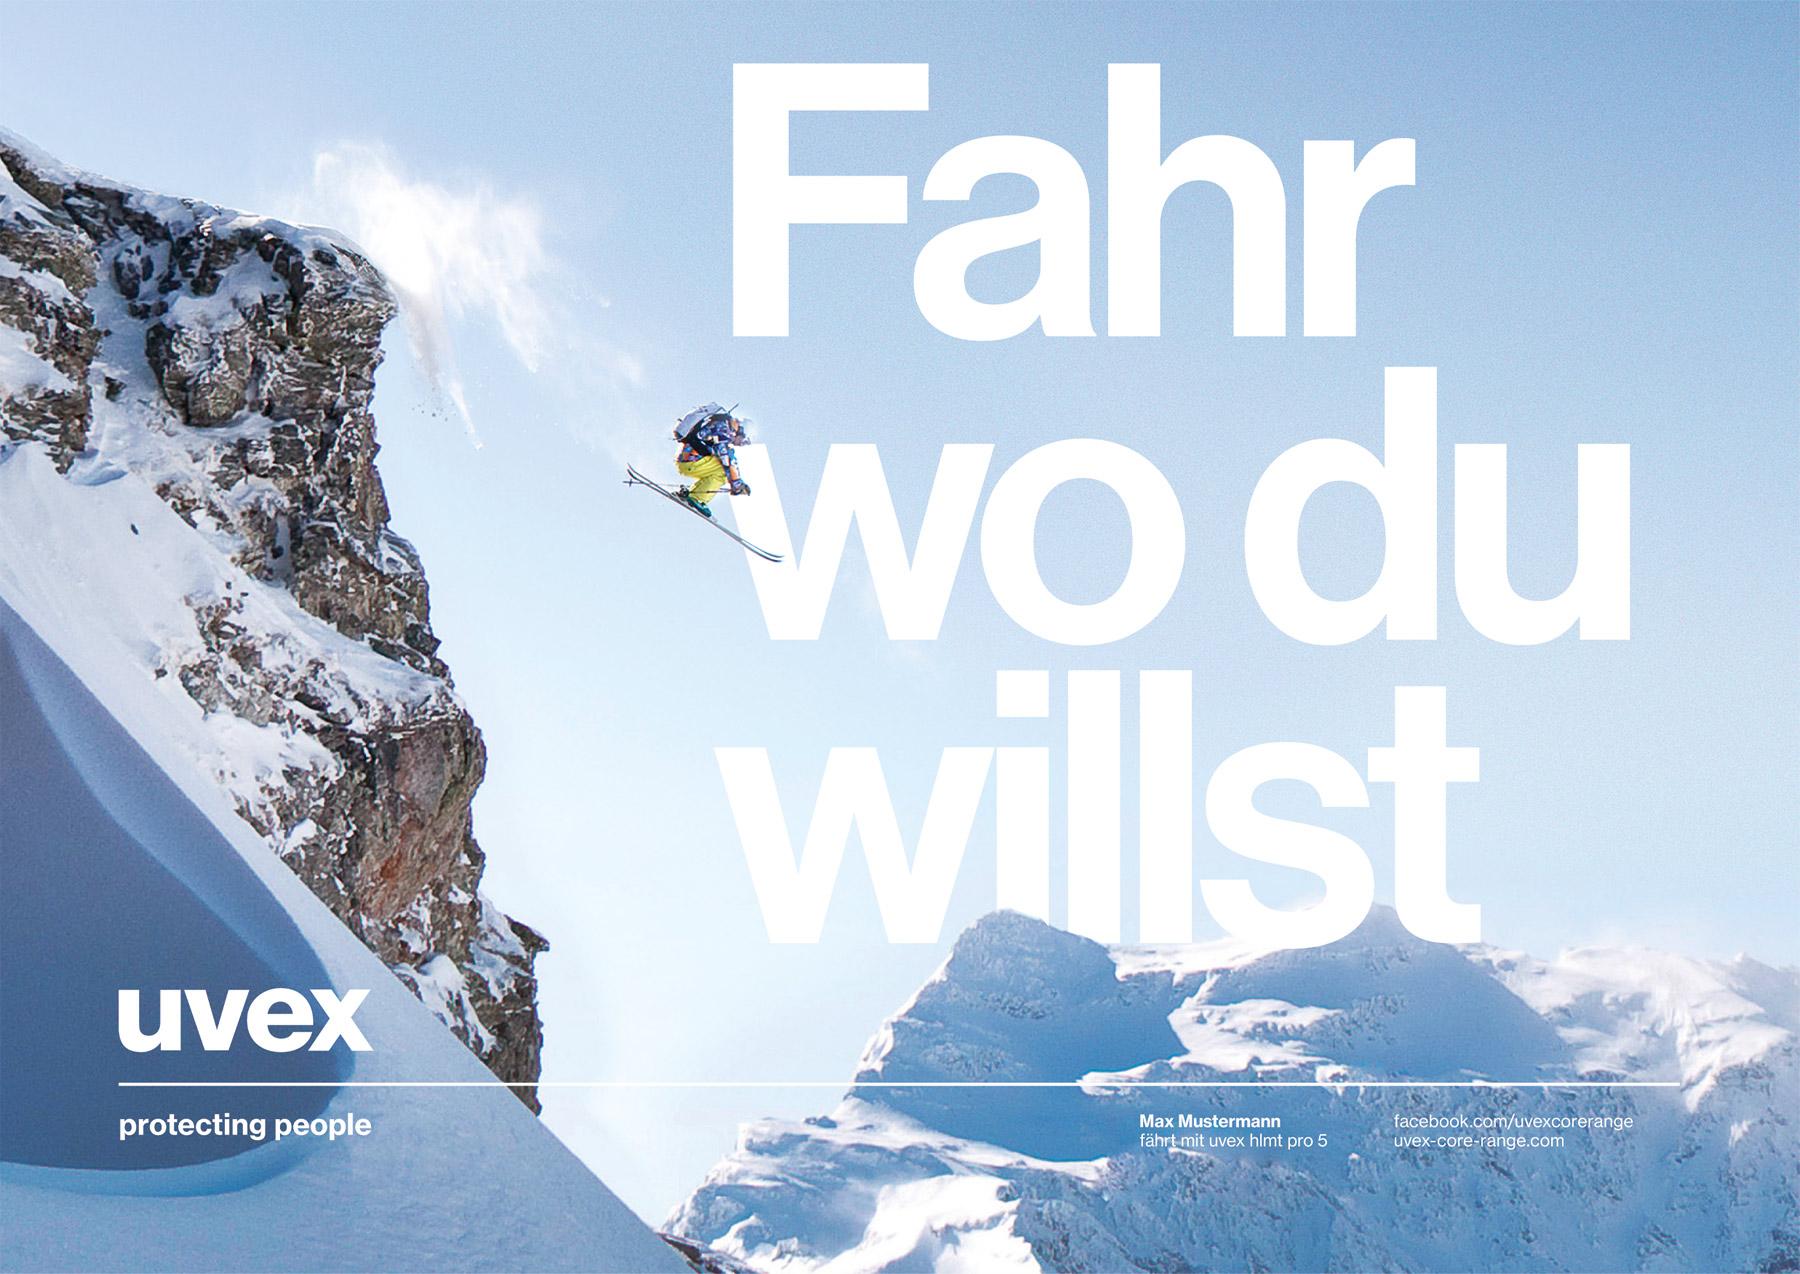 Uvex Kampagne